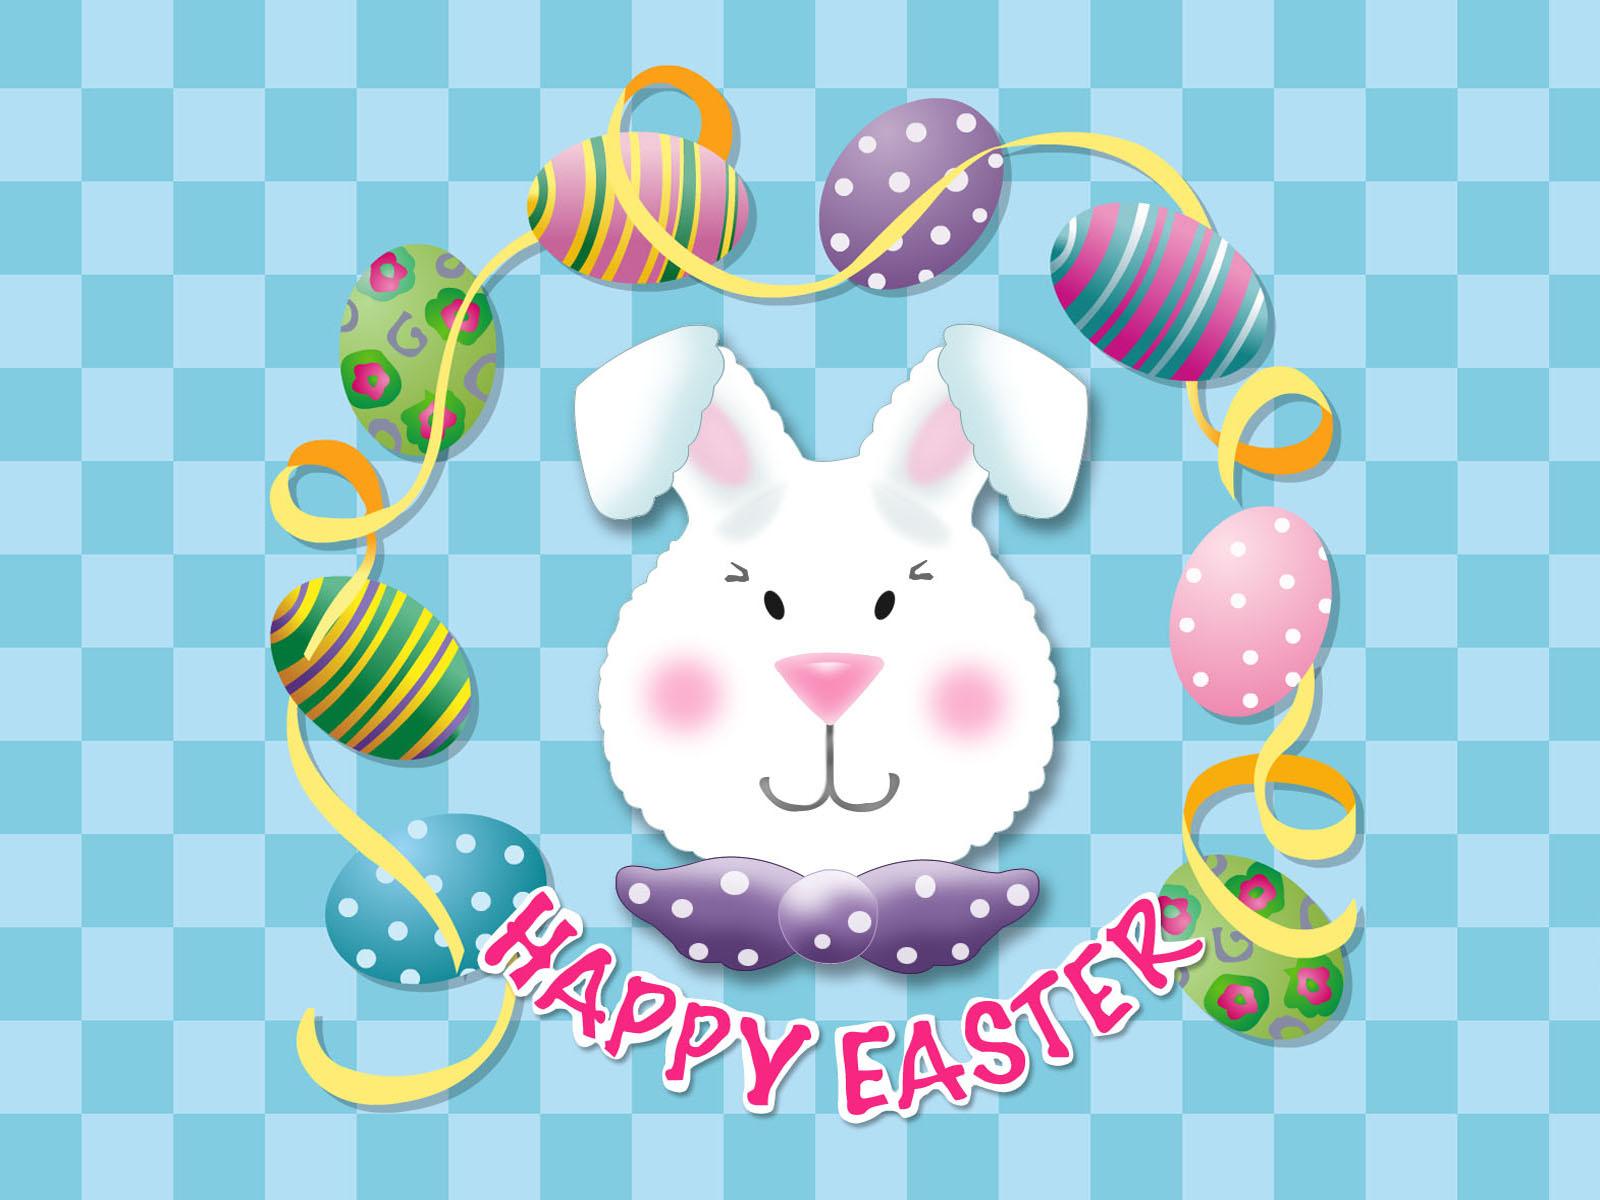 Desktop Wallpapers Backgrounds Happy Easter Wallpapers 2011 1600x1200